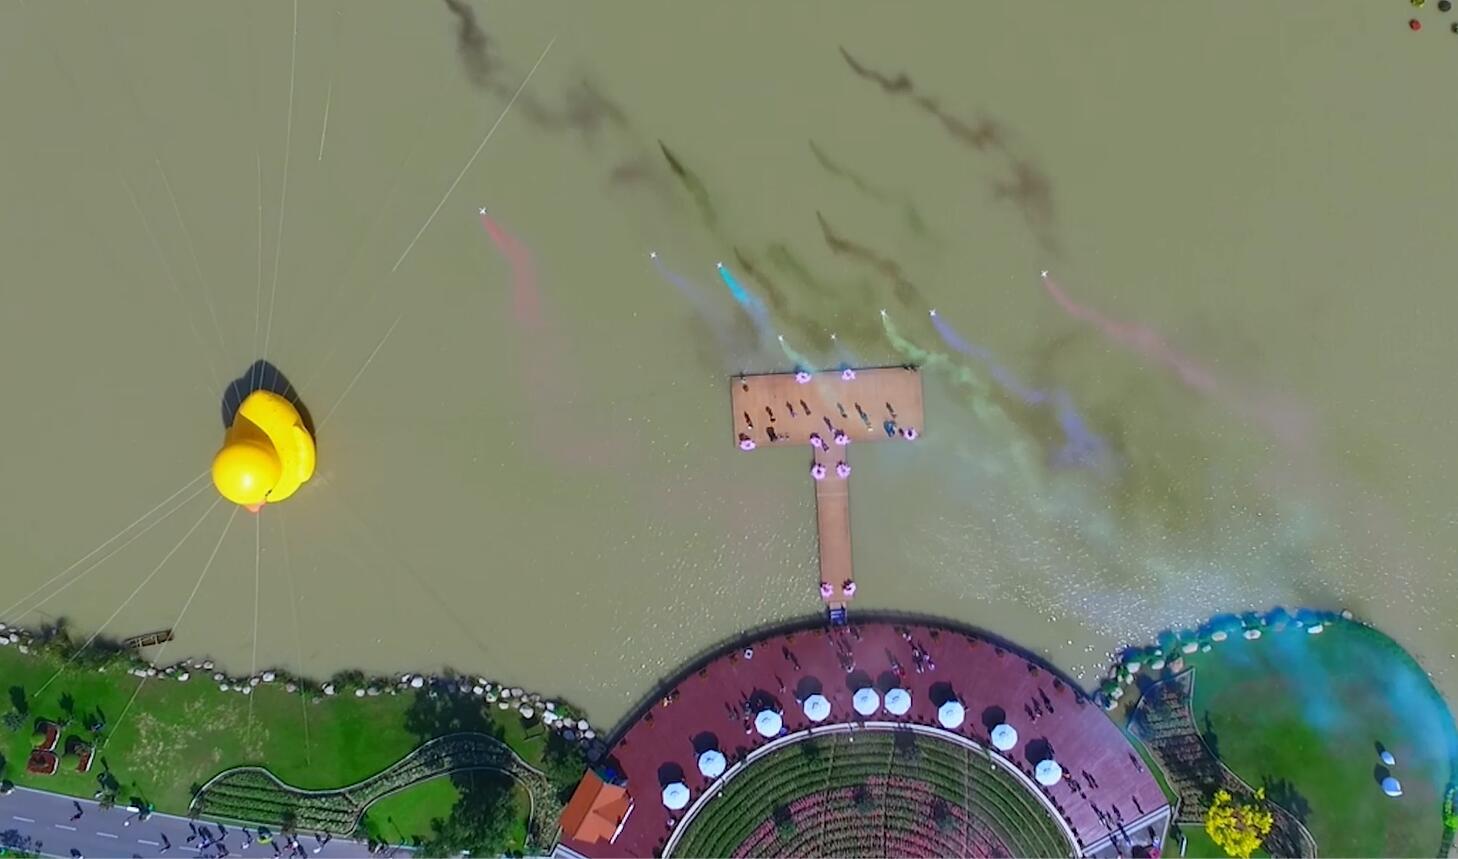 無人機之旅|黃鴨 風車 100萬株花 n個愛上江蘇的航拍在這兒